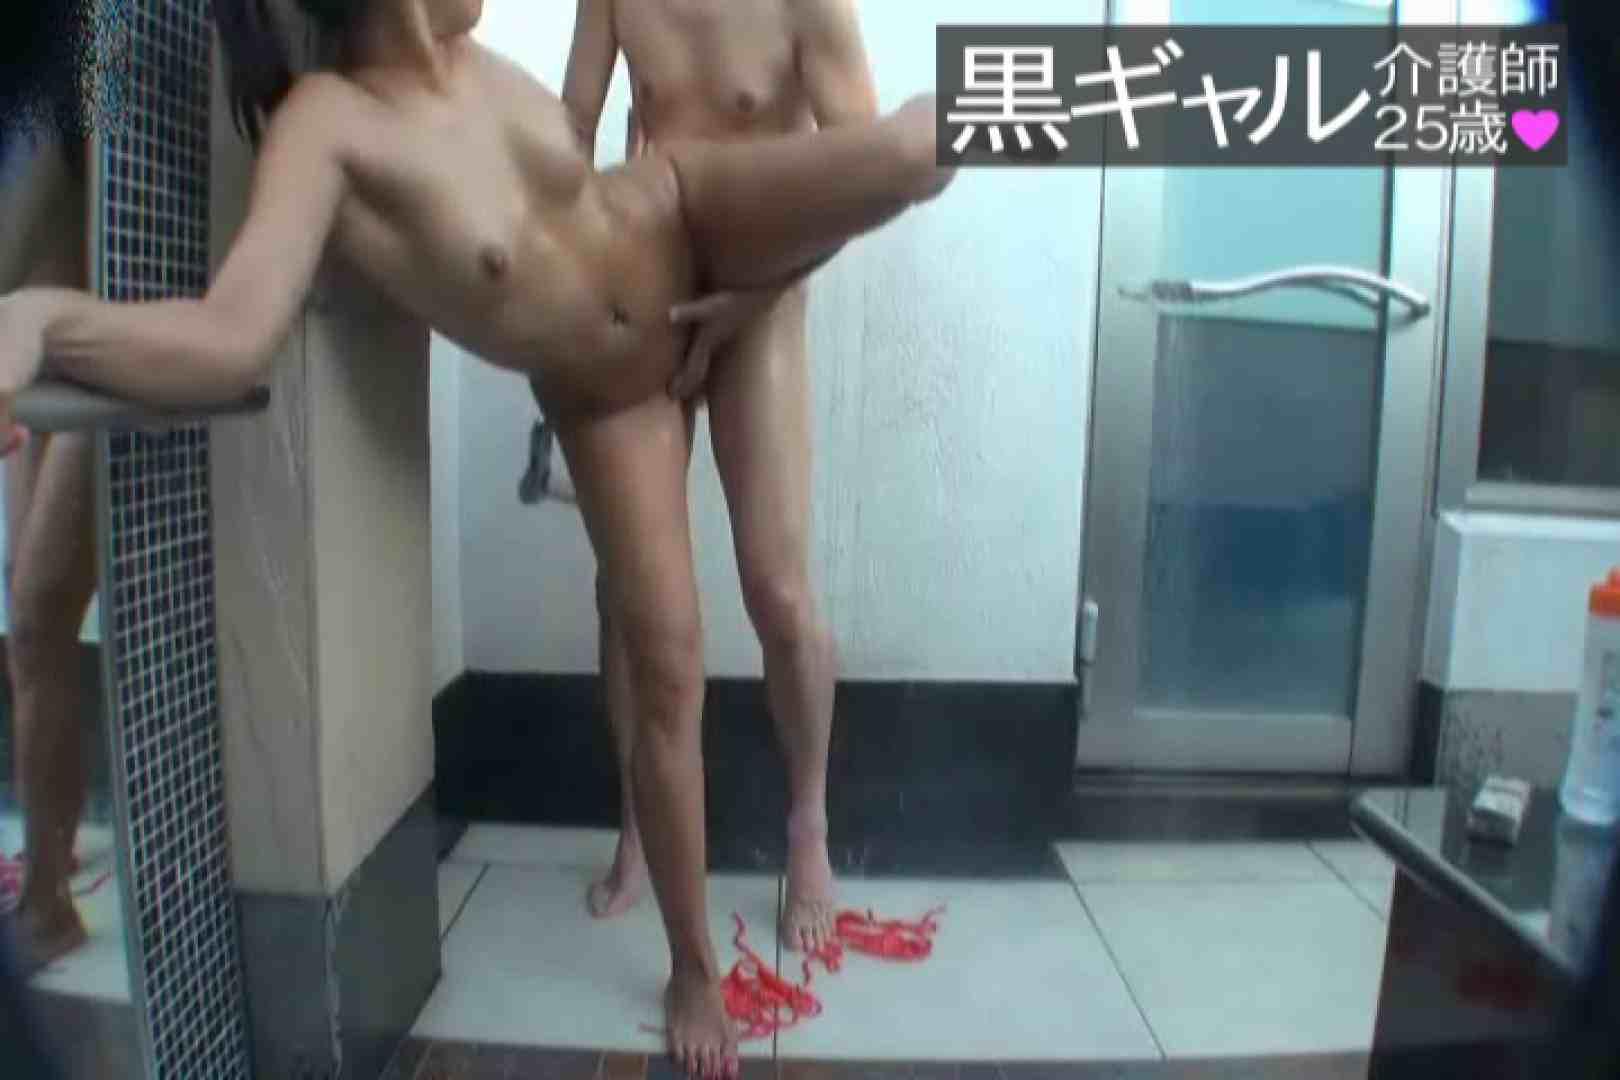 独占入手 従順M黒ギャル介護師25歳vol.6 ギャル達の水着 | シャワー  86画像 16